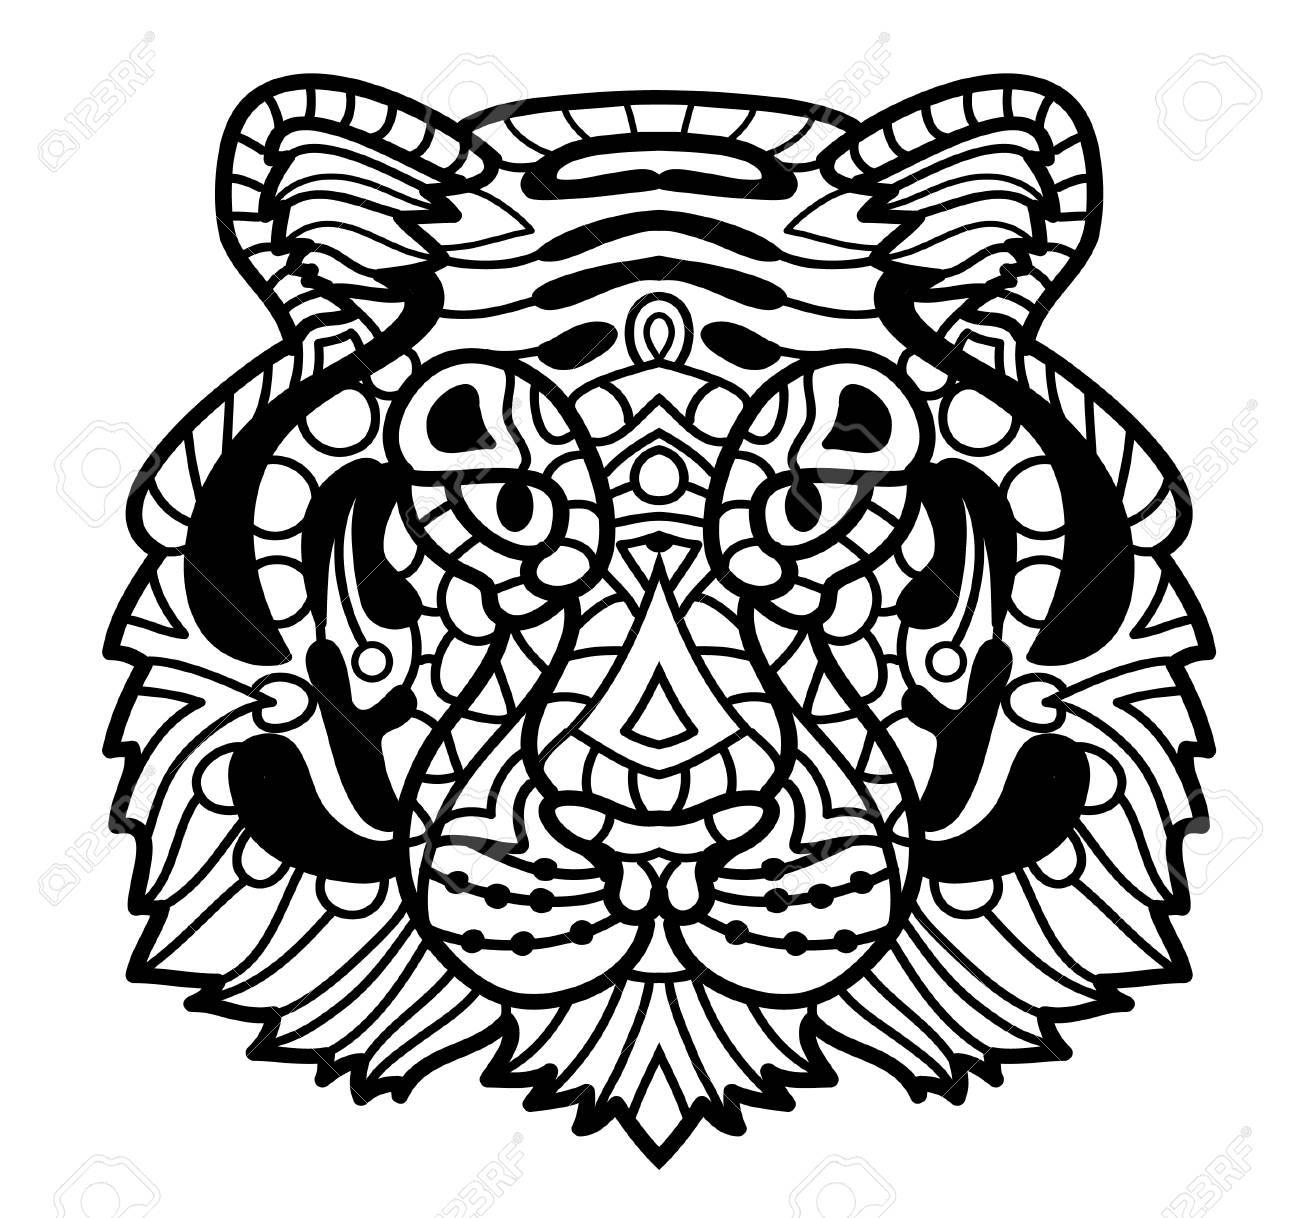 Coloriage Anti Stress Visage.Tigre De Vecteur Illustration De Visage De Tigre Impression De Tete De Tigre Pour Le Coloriage D Adulte Anti Stress Animal Decoratif A Motifs